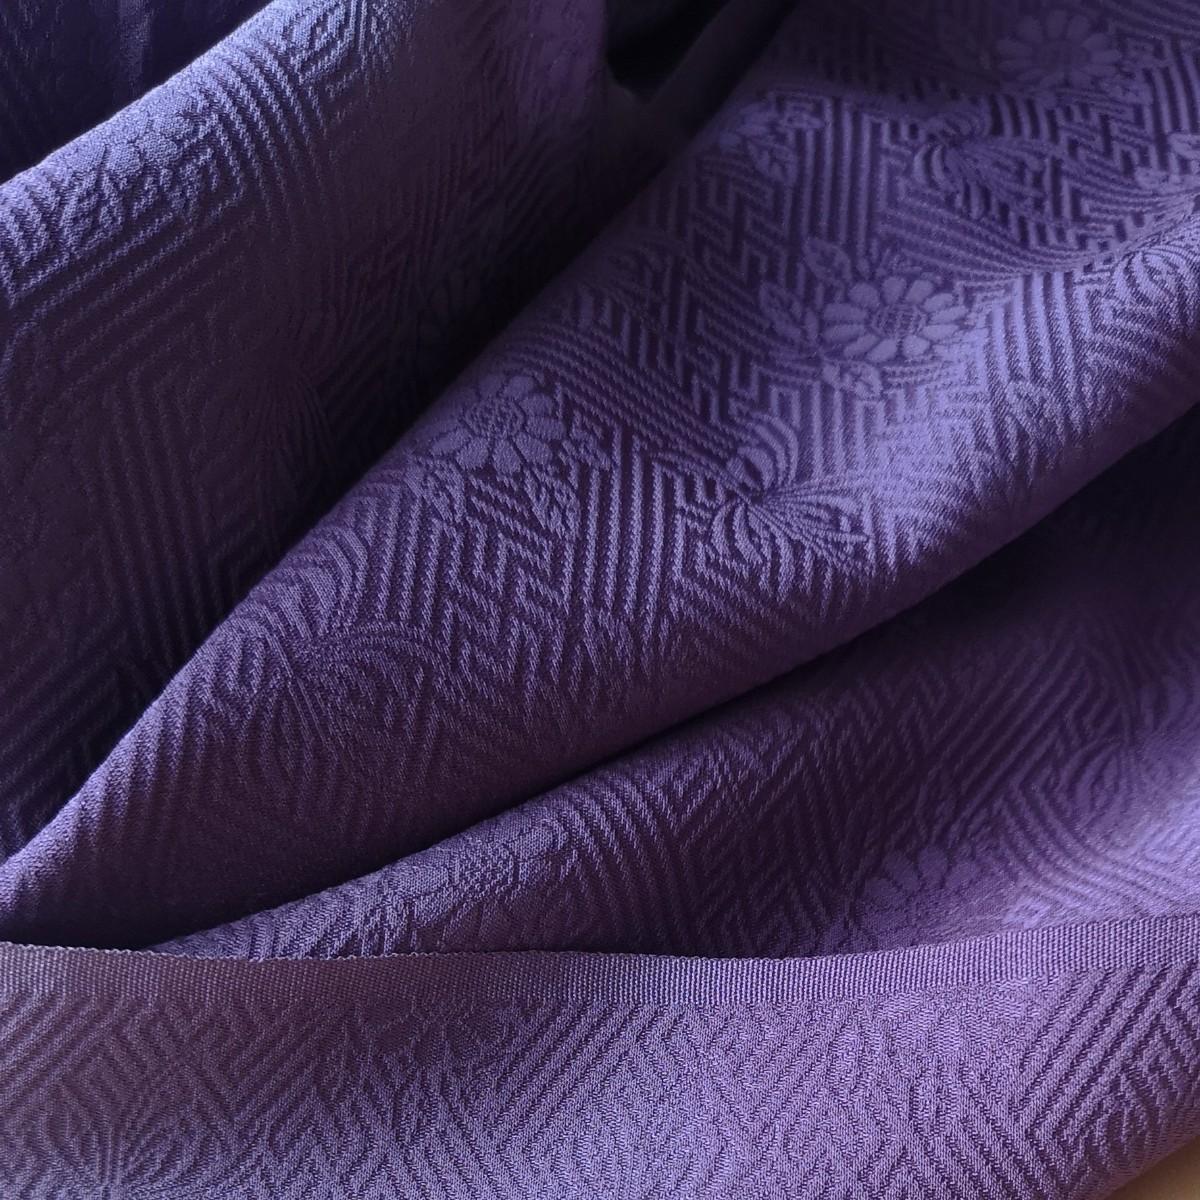 着物ほどき 正絹 ピンク色系 小豆色ぼかし 328cm+アルファ ハギレ 着物リメイク